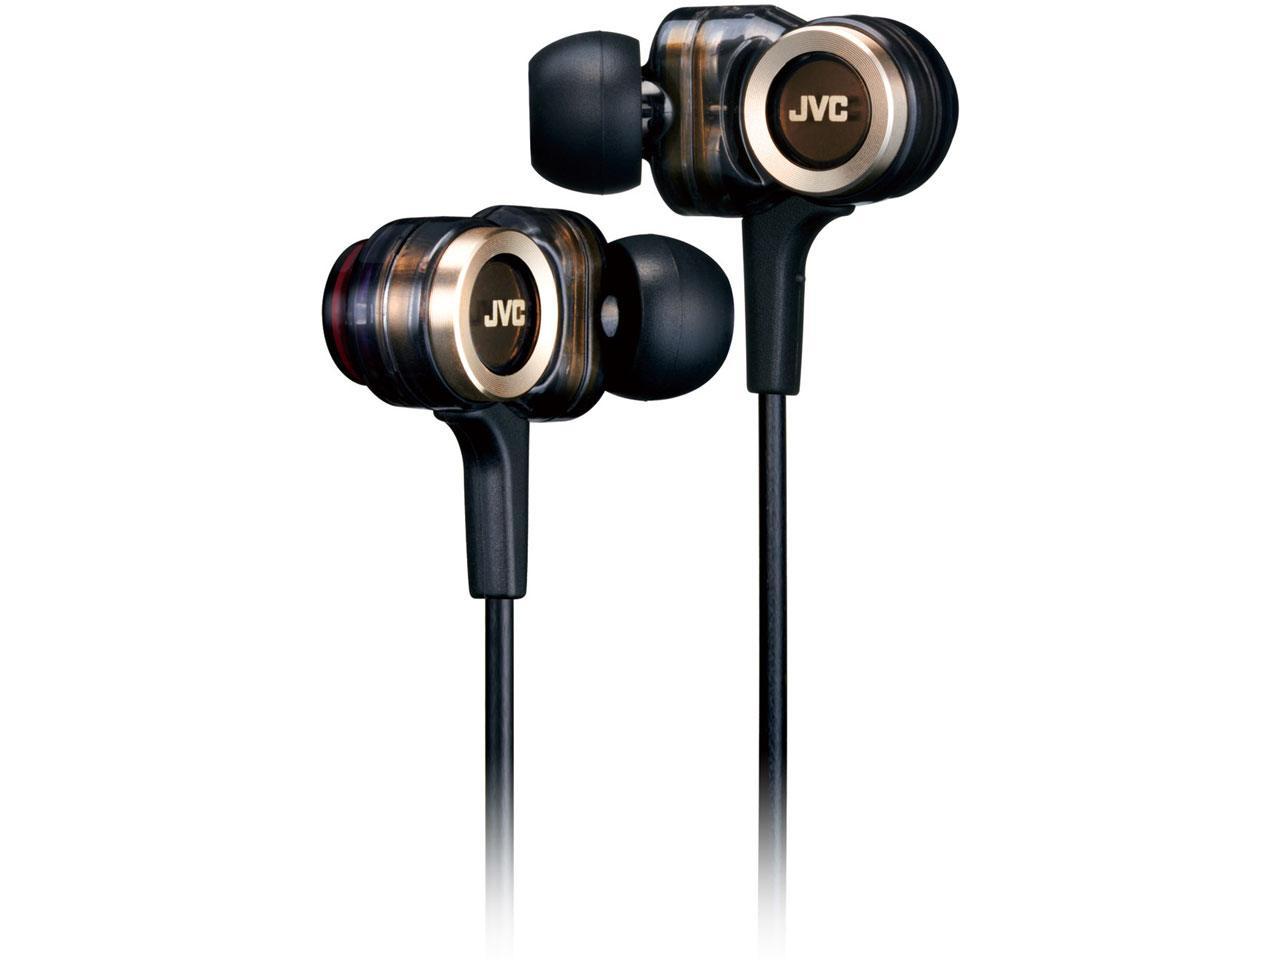 Powieksz do pelnego rozmiaru dżejwisi, dżejvici, dżejwisi, jvc  HAFXZ 200, HA-FXZ 200, HA FXZ 200,  HAFXZ200, HA-FXZ200, HA FXZ200,  HAFXZ-200, HA-FXZ-200, HA FXZ-200,   słuchawki hi-fi, słuchawki hifi, słuchawki domowe, przenośne,  słuchawki do odtwarzacza MP3, słuchawki MP3, słuchawki do MP3, słuchawki do iPod, słuchawki do iPad, słuchawki do iPhone, słuchawki dokanałowe, słuchawki zamknięte,